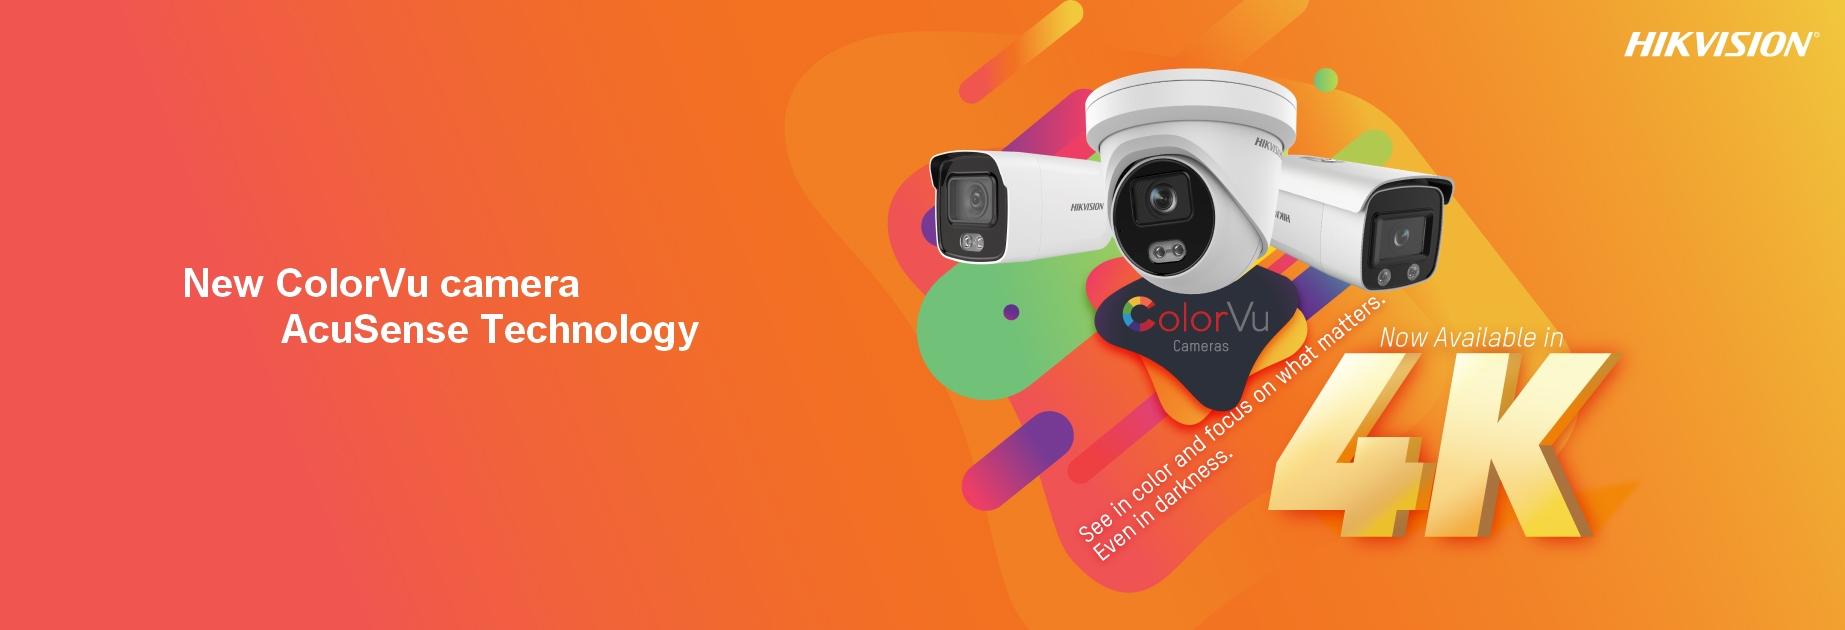 HIKVISION New ColorVu cameras